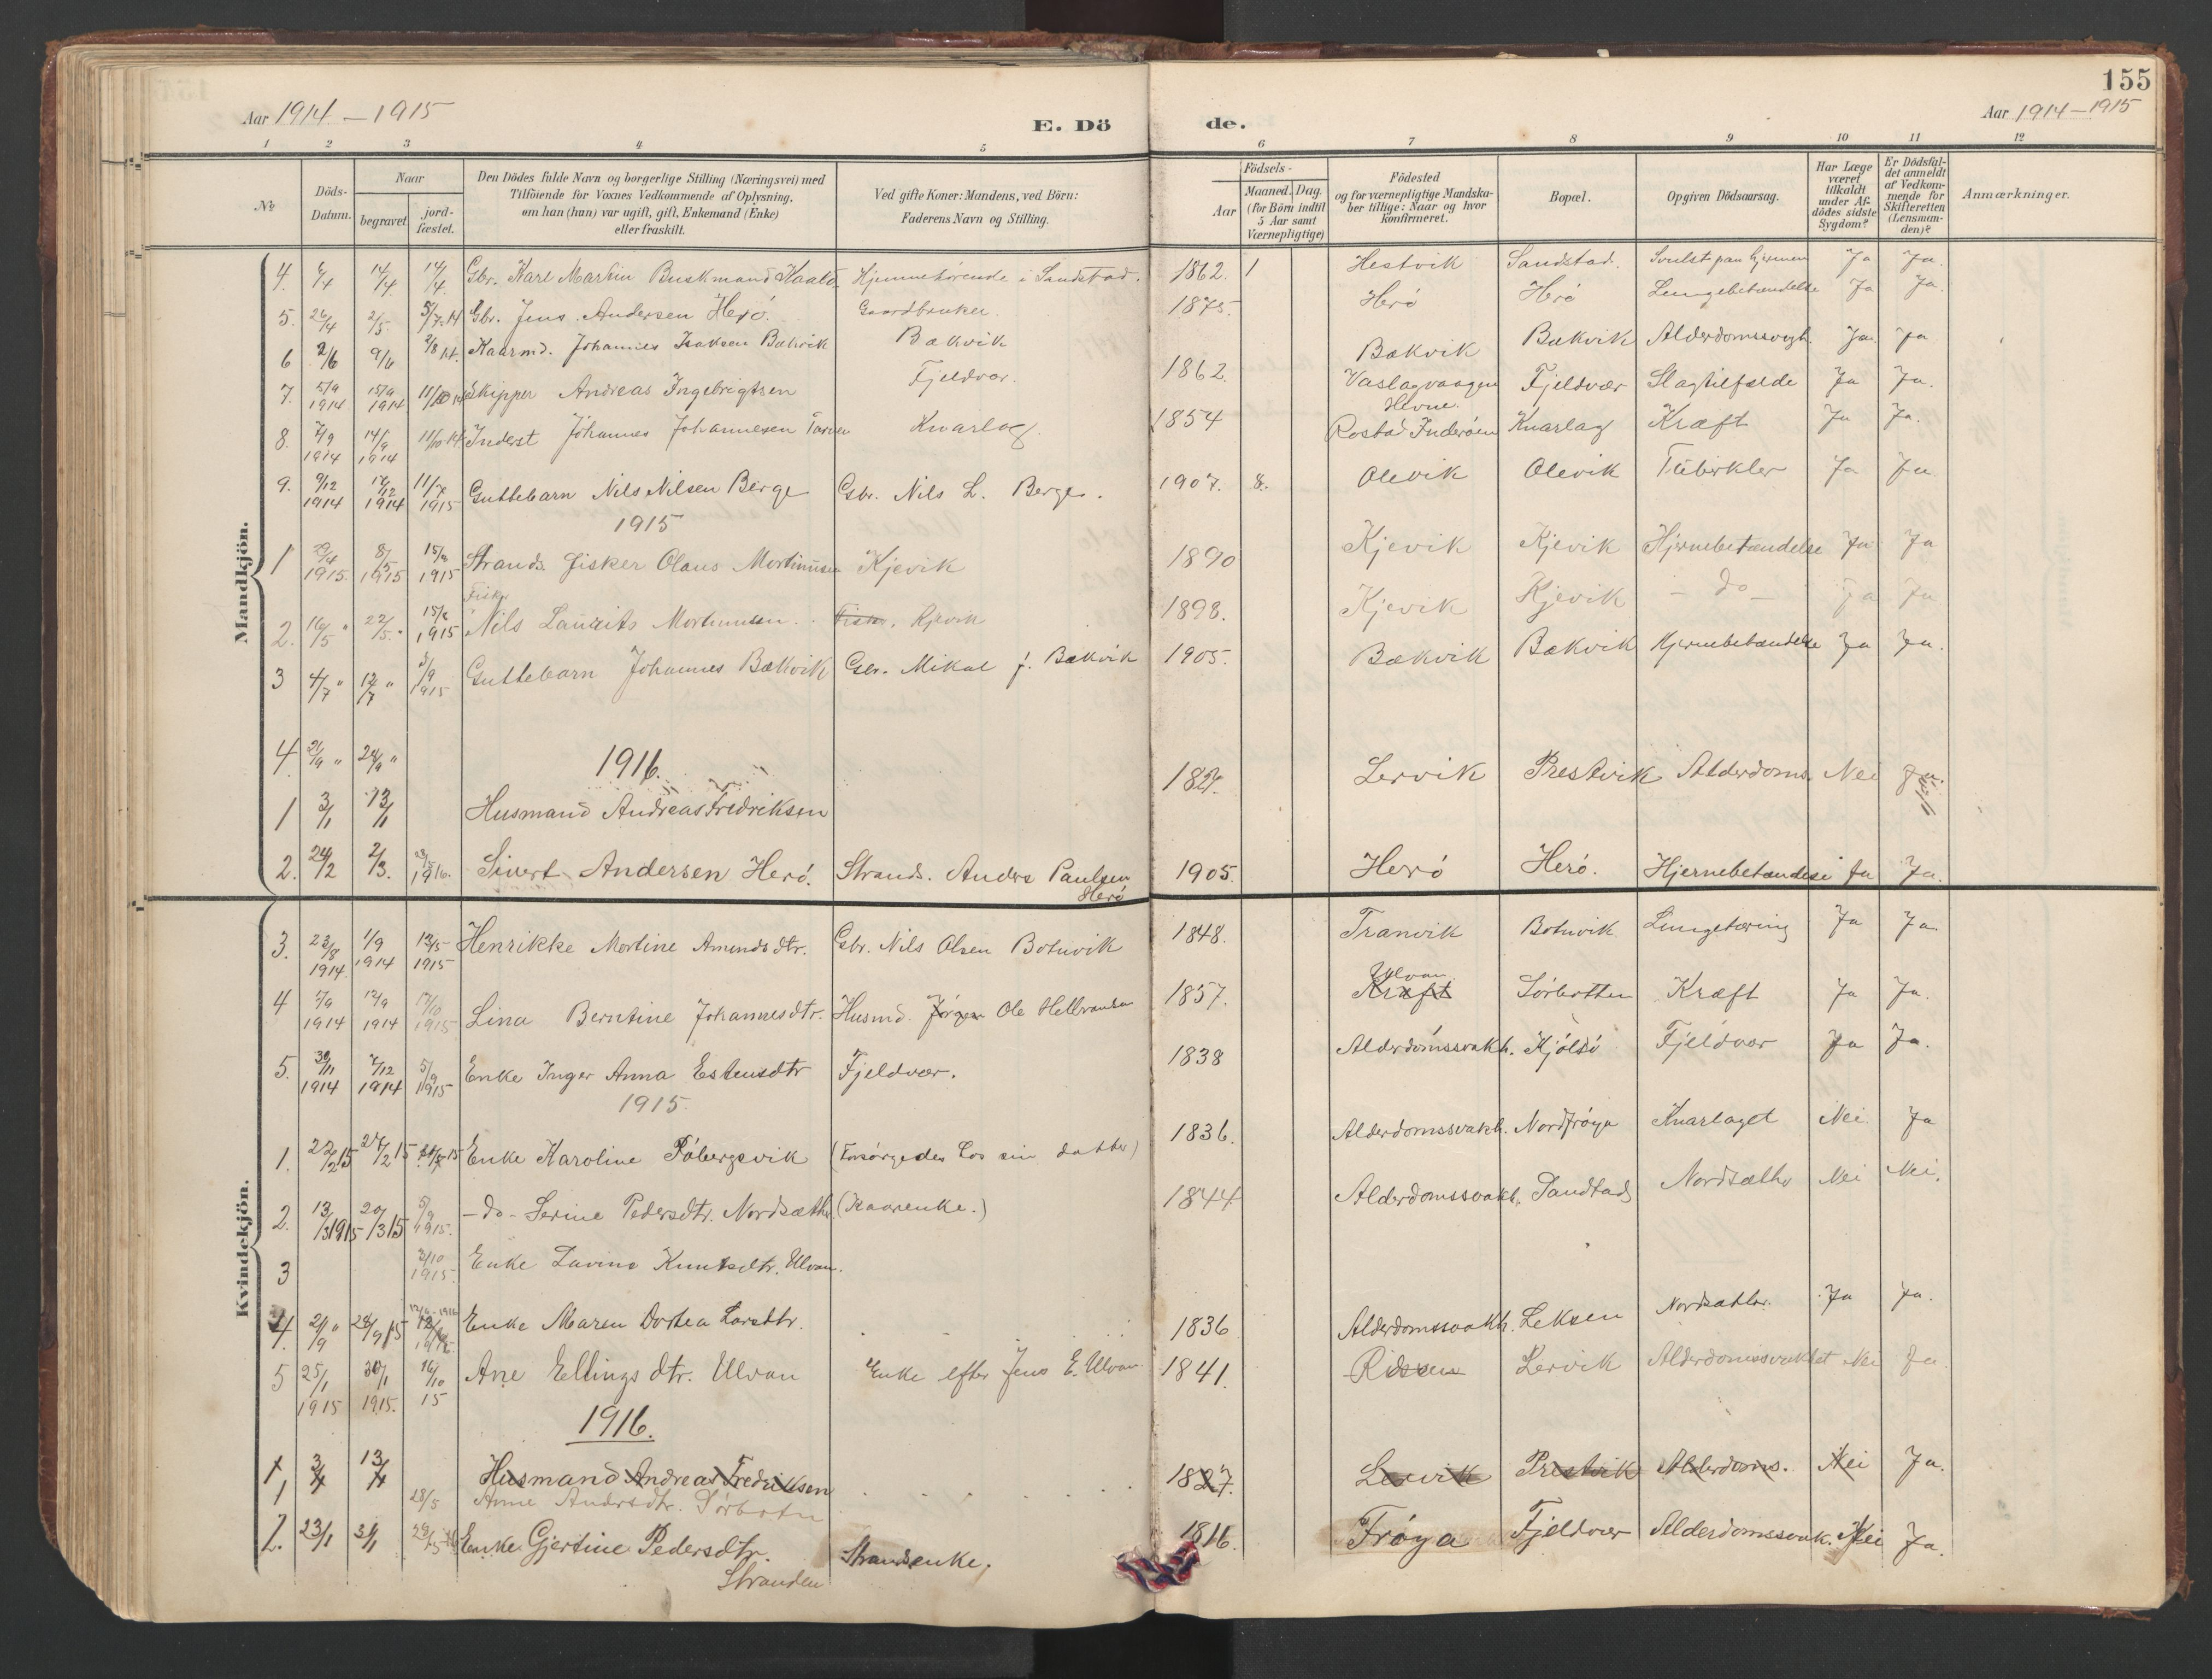 SAT, Ministerialprotokoller, klokkerbøker og fødselsregistre - Sør-Trøndelag, 638/L0571: Klokkerbok nr. 638C03, 1901-1930, s. 155